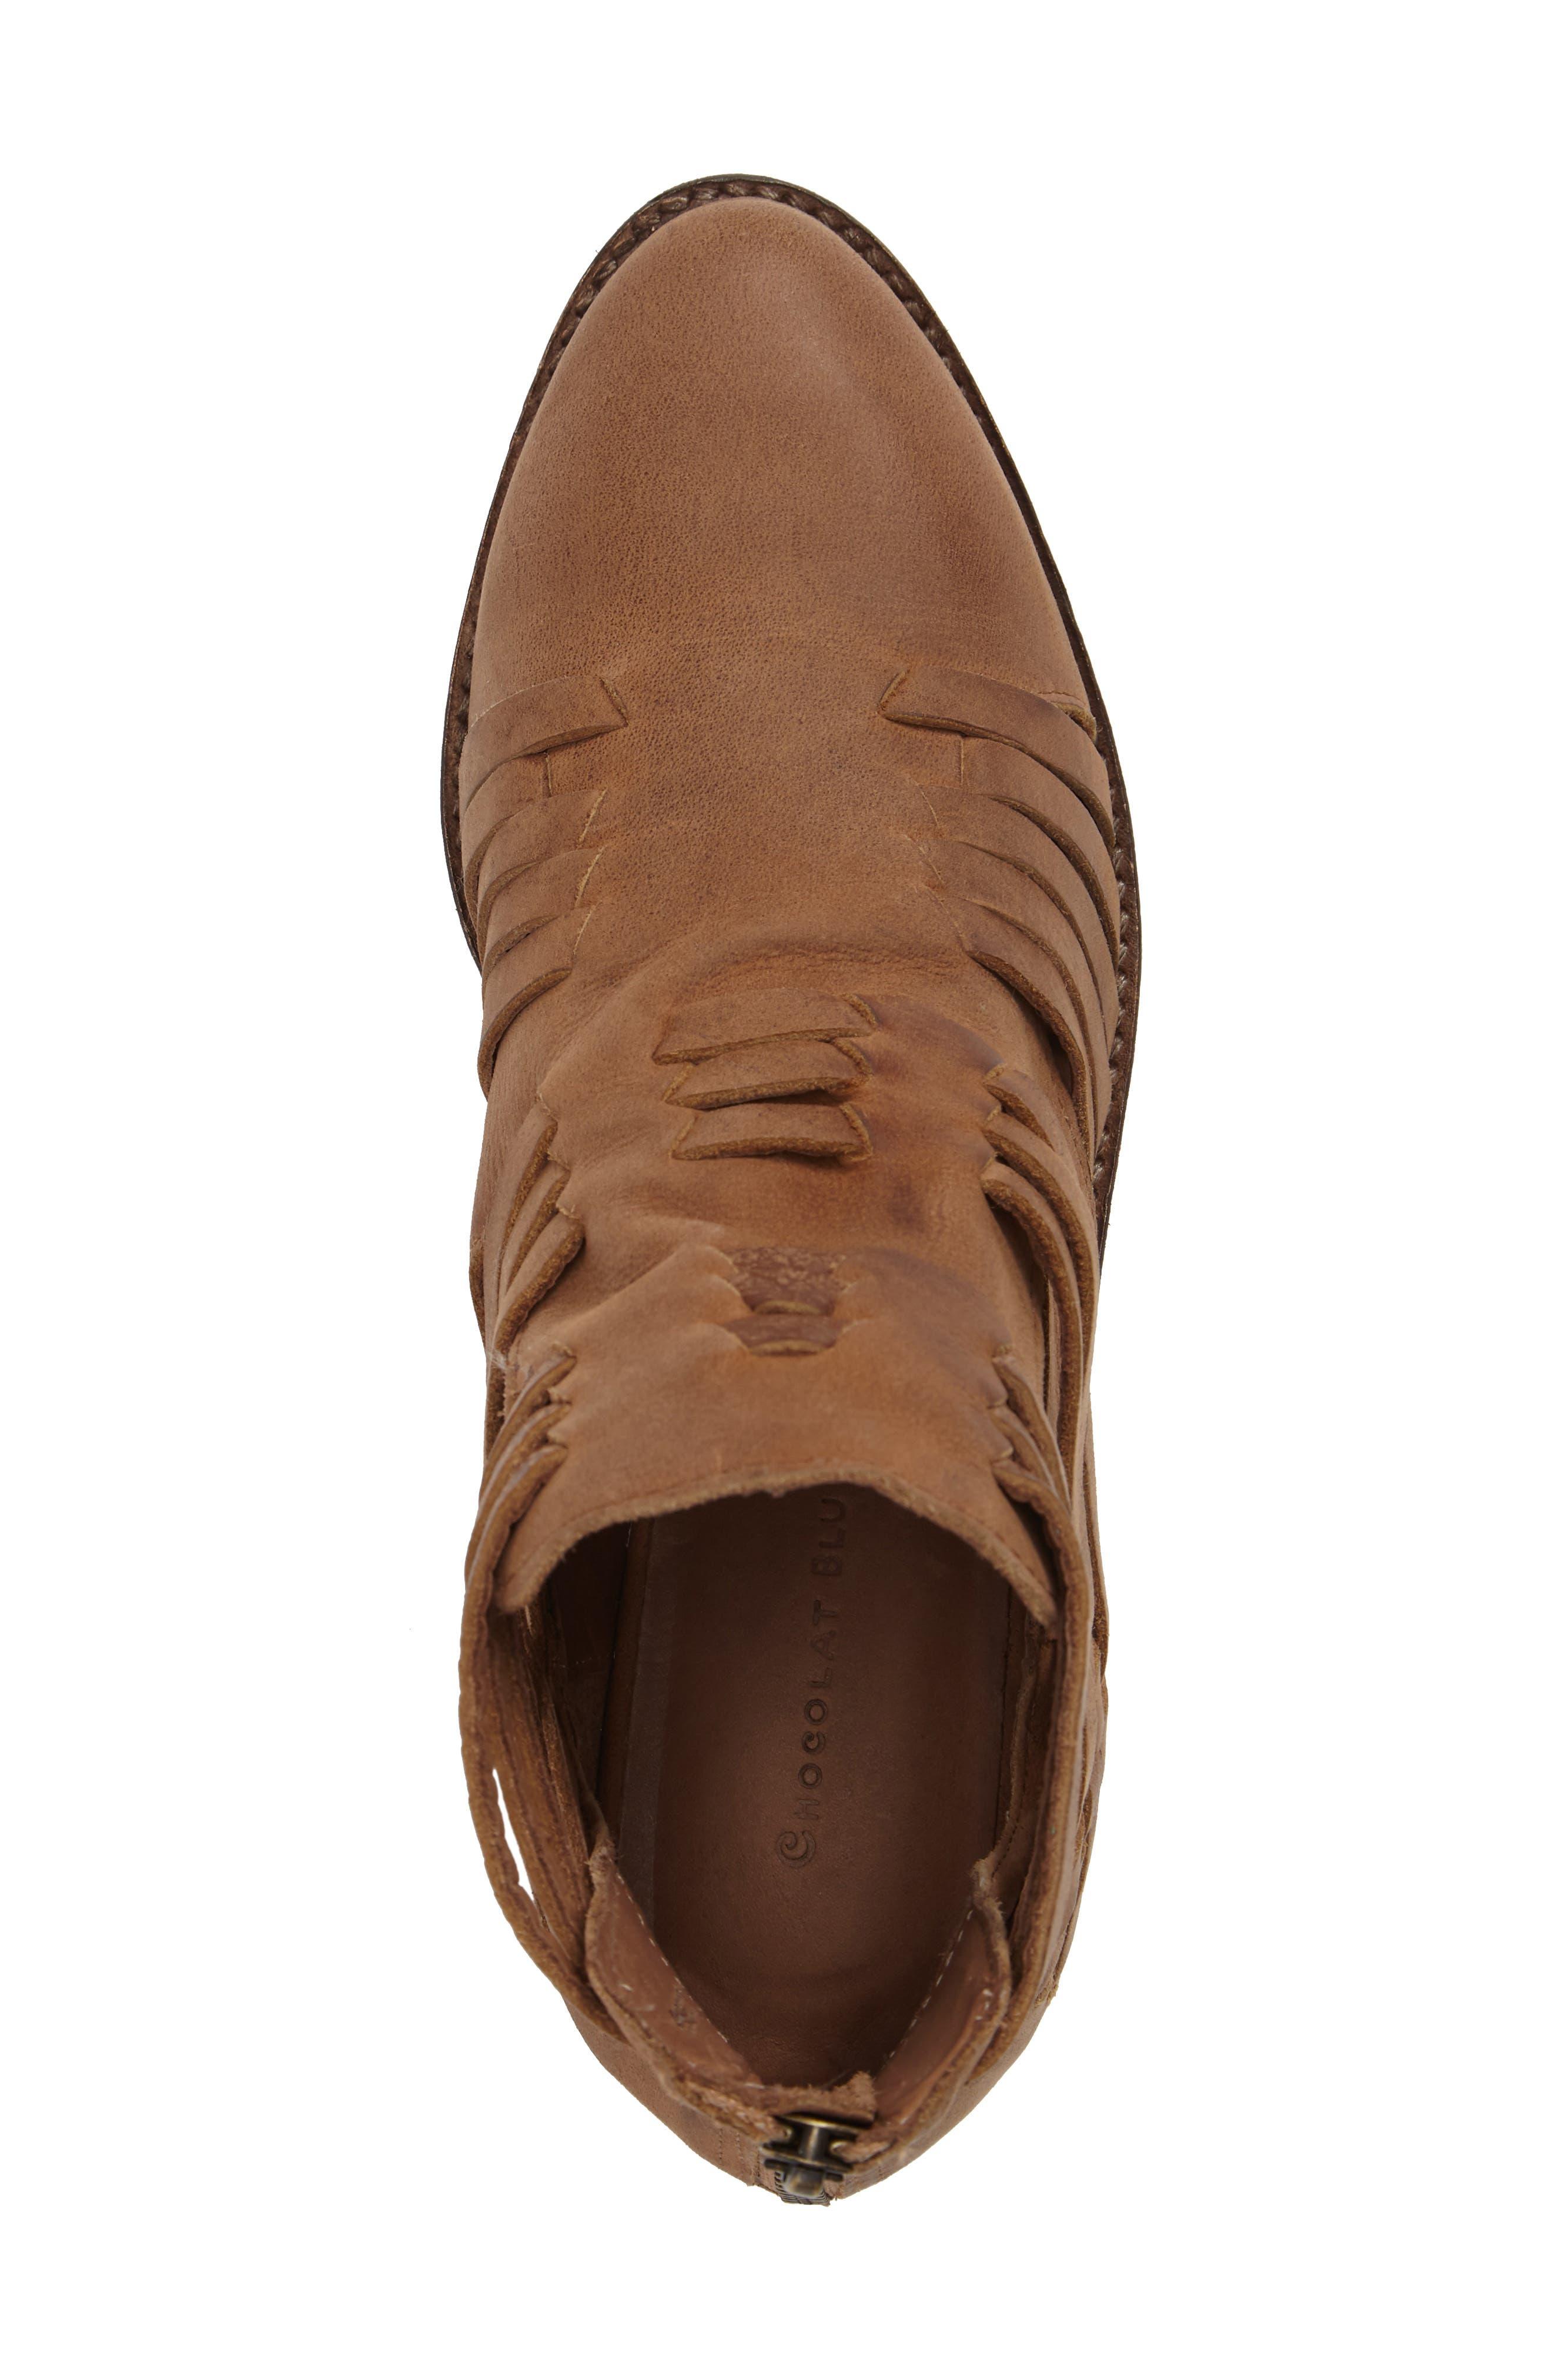 Fairuz Bootie,                             Alternate thumbnail 5, color,                             Tan Leather